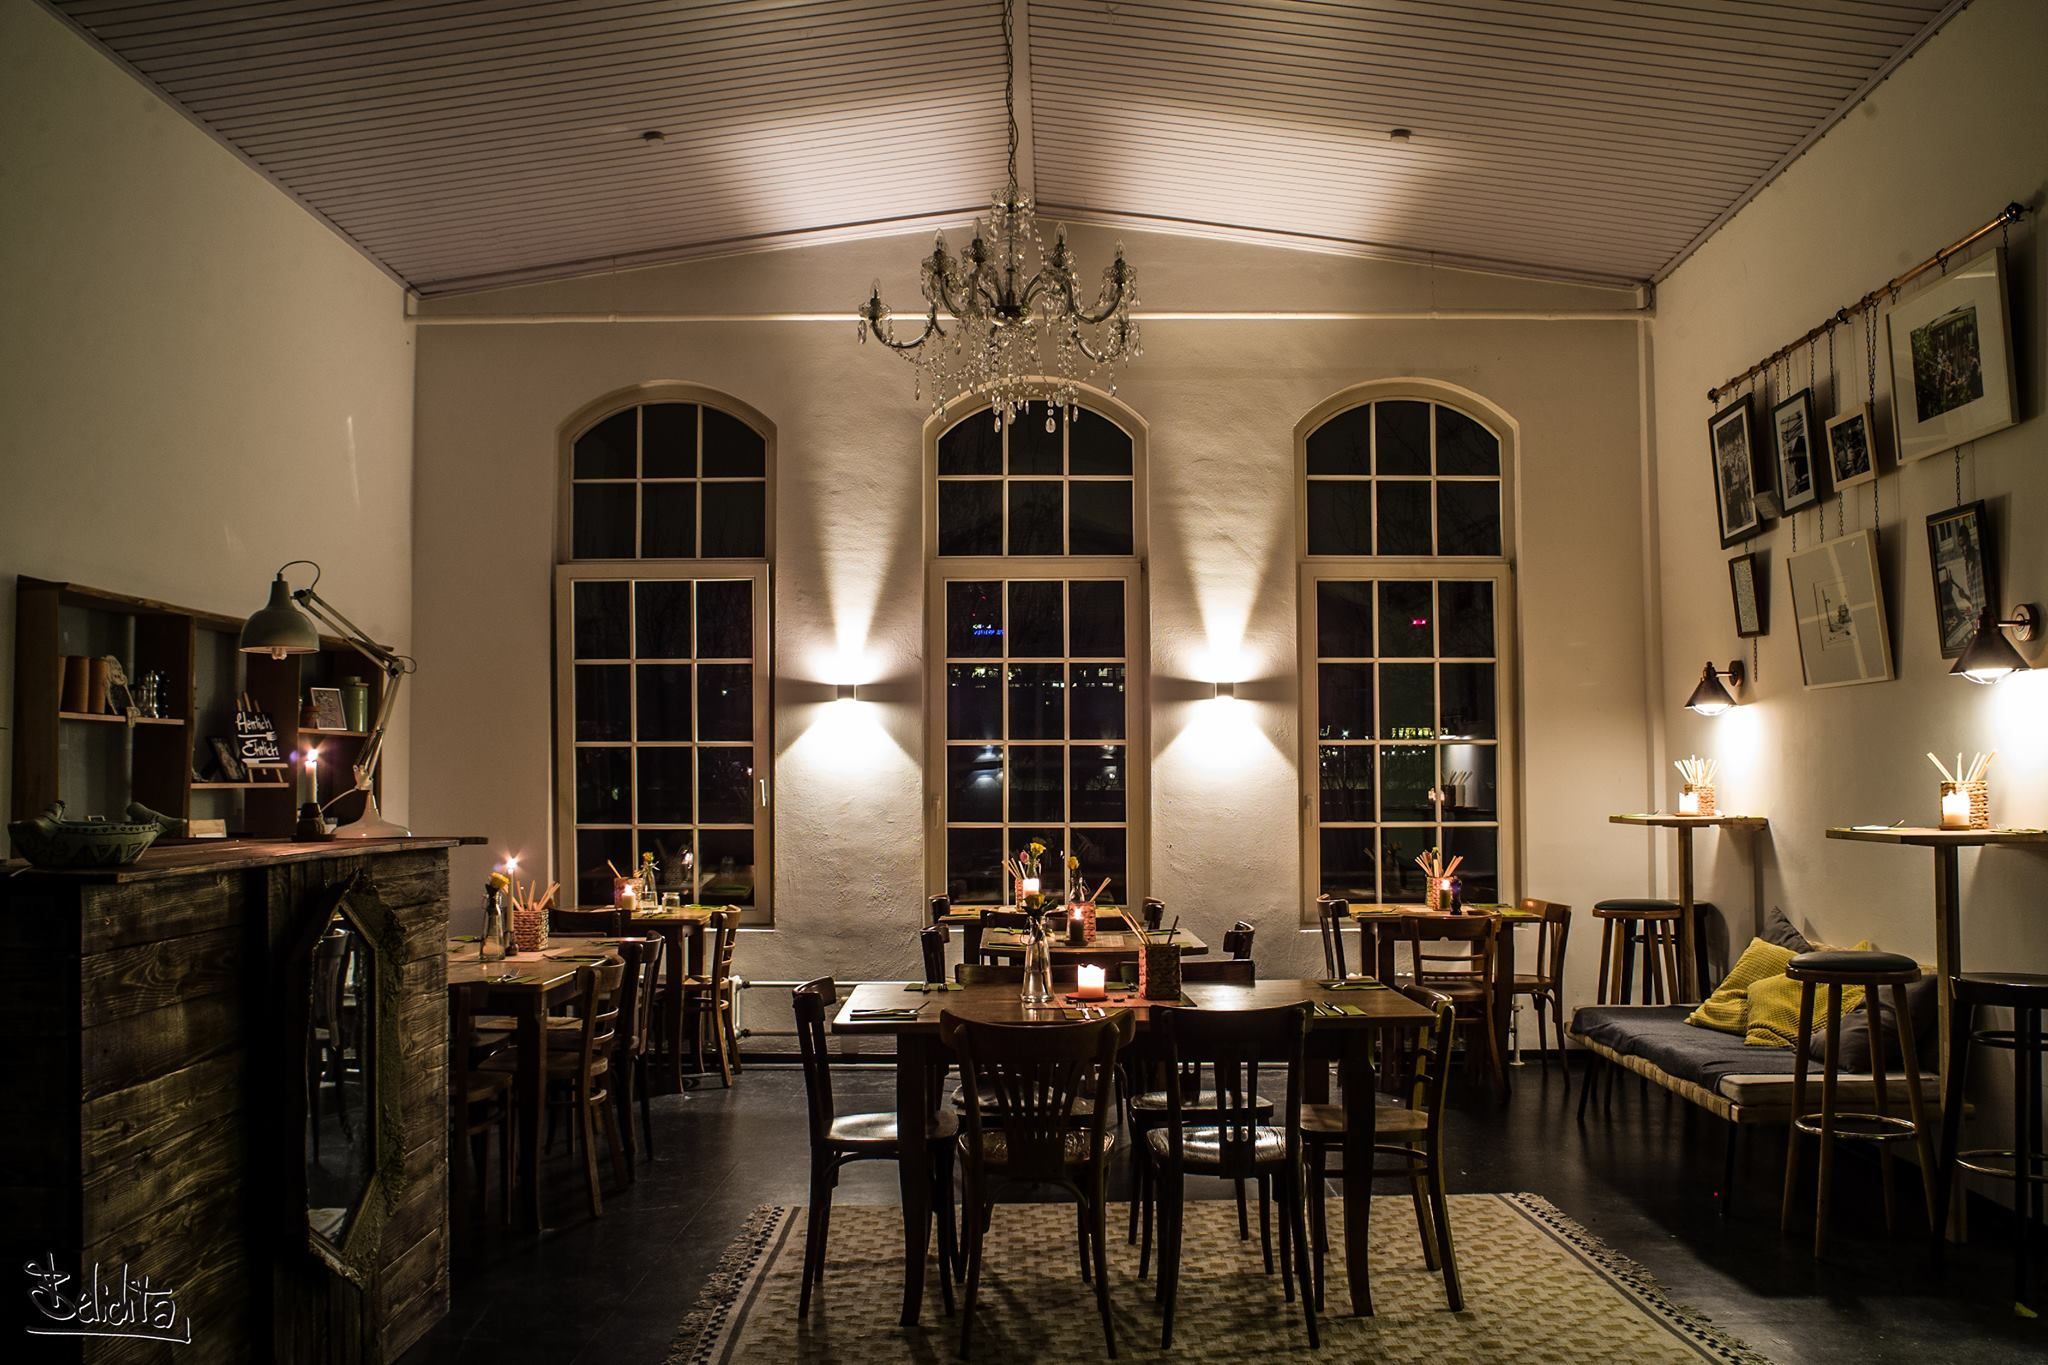 Home Herrlich Ehrlich Trier Restaurants Caf S Die